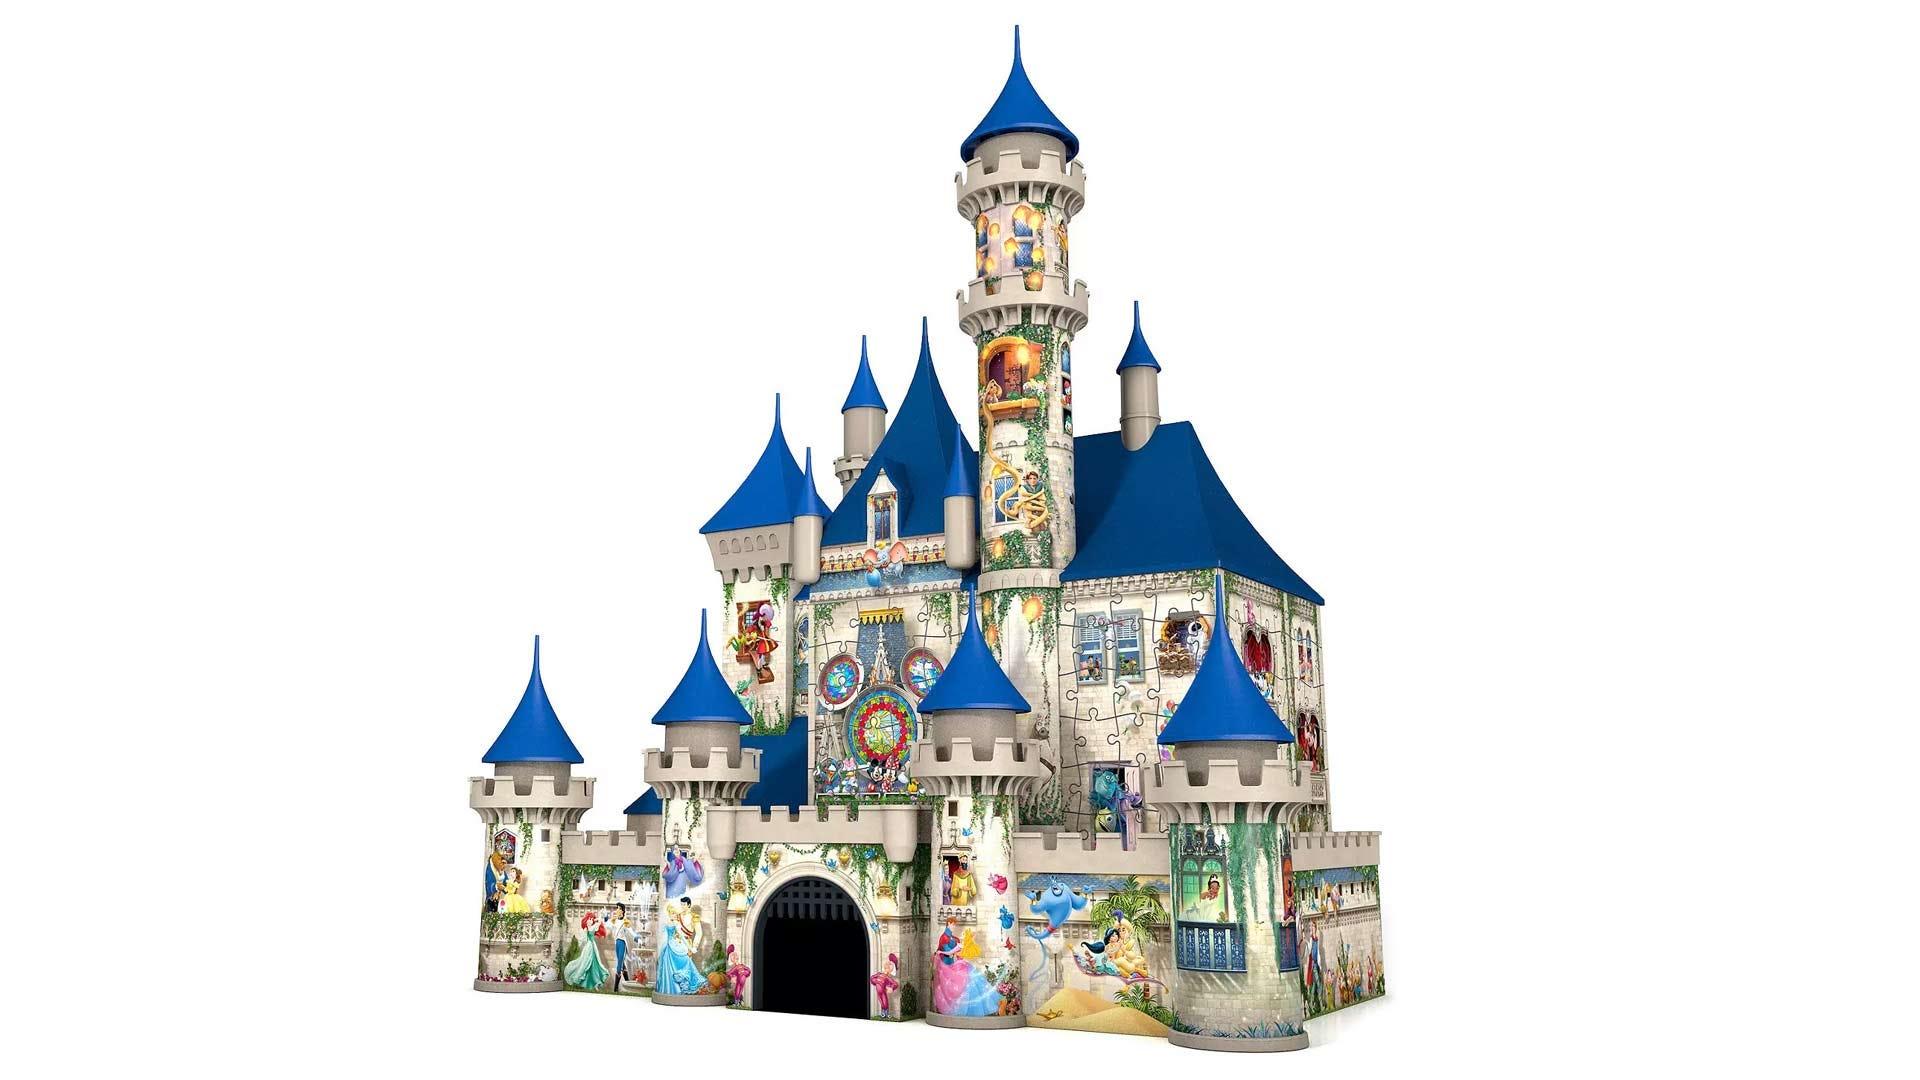 The Disney Castle 3D puzzle box.